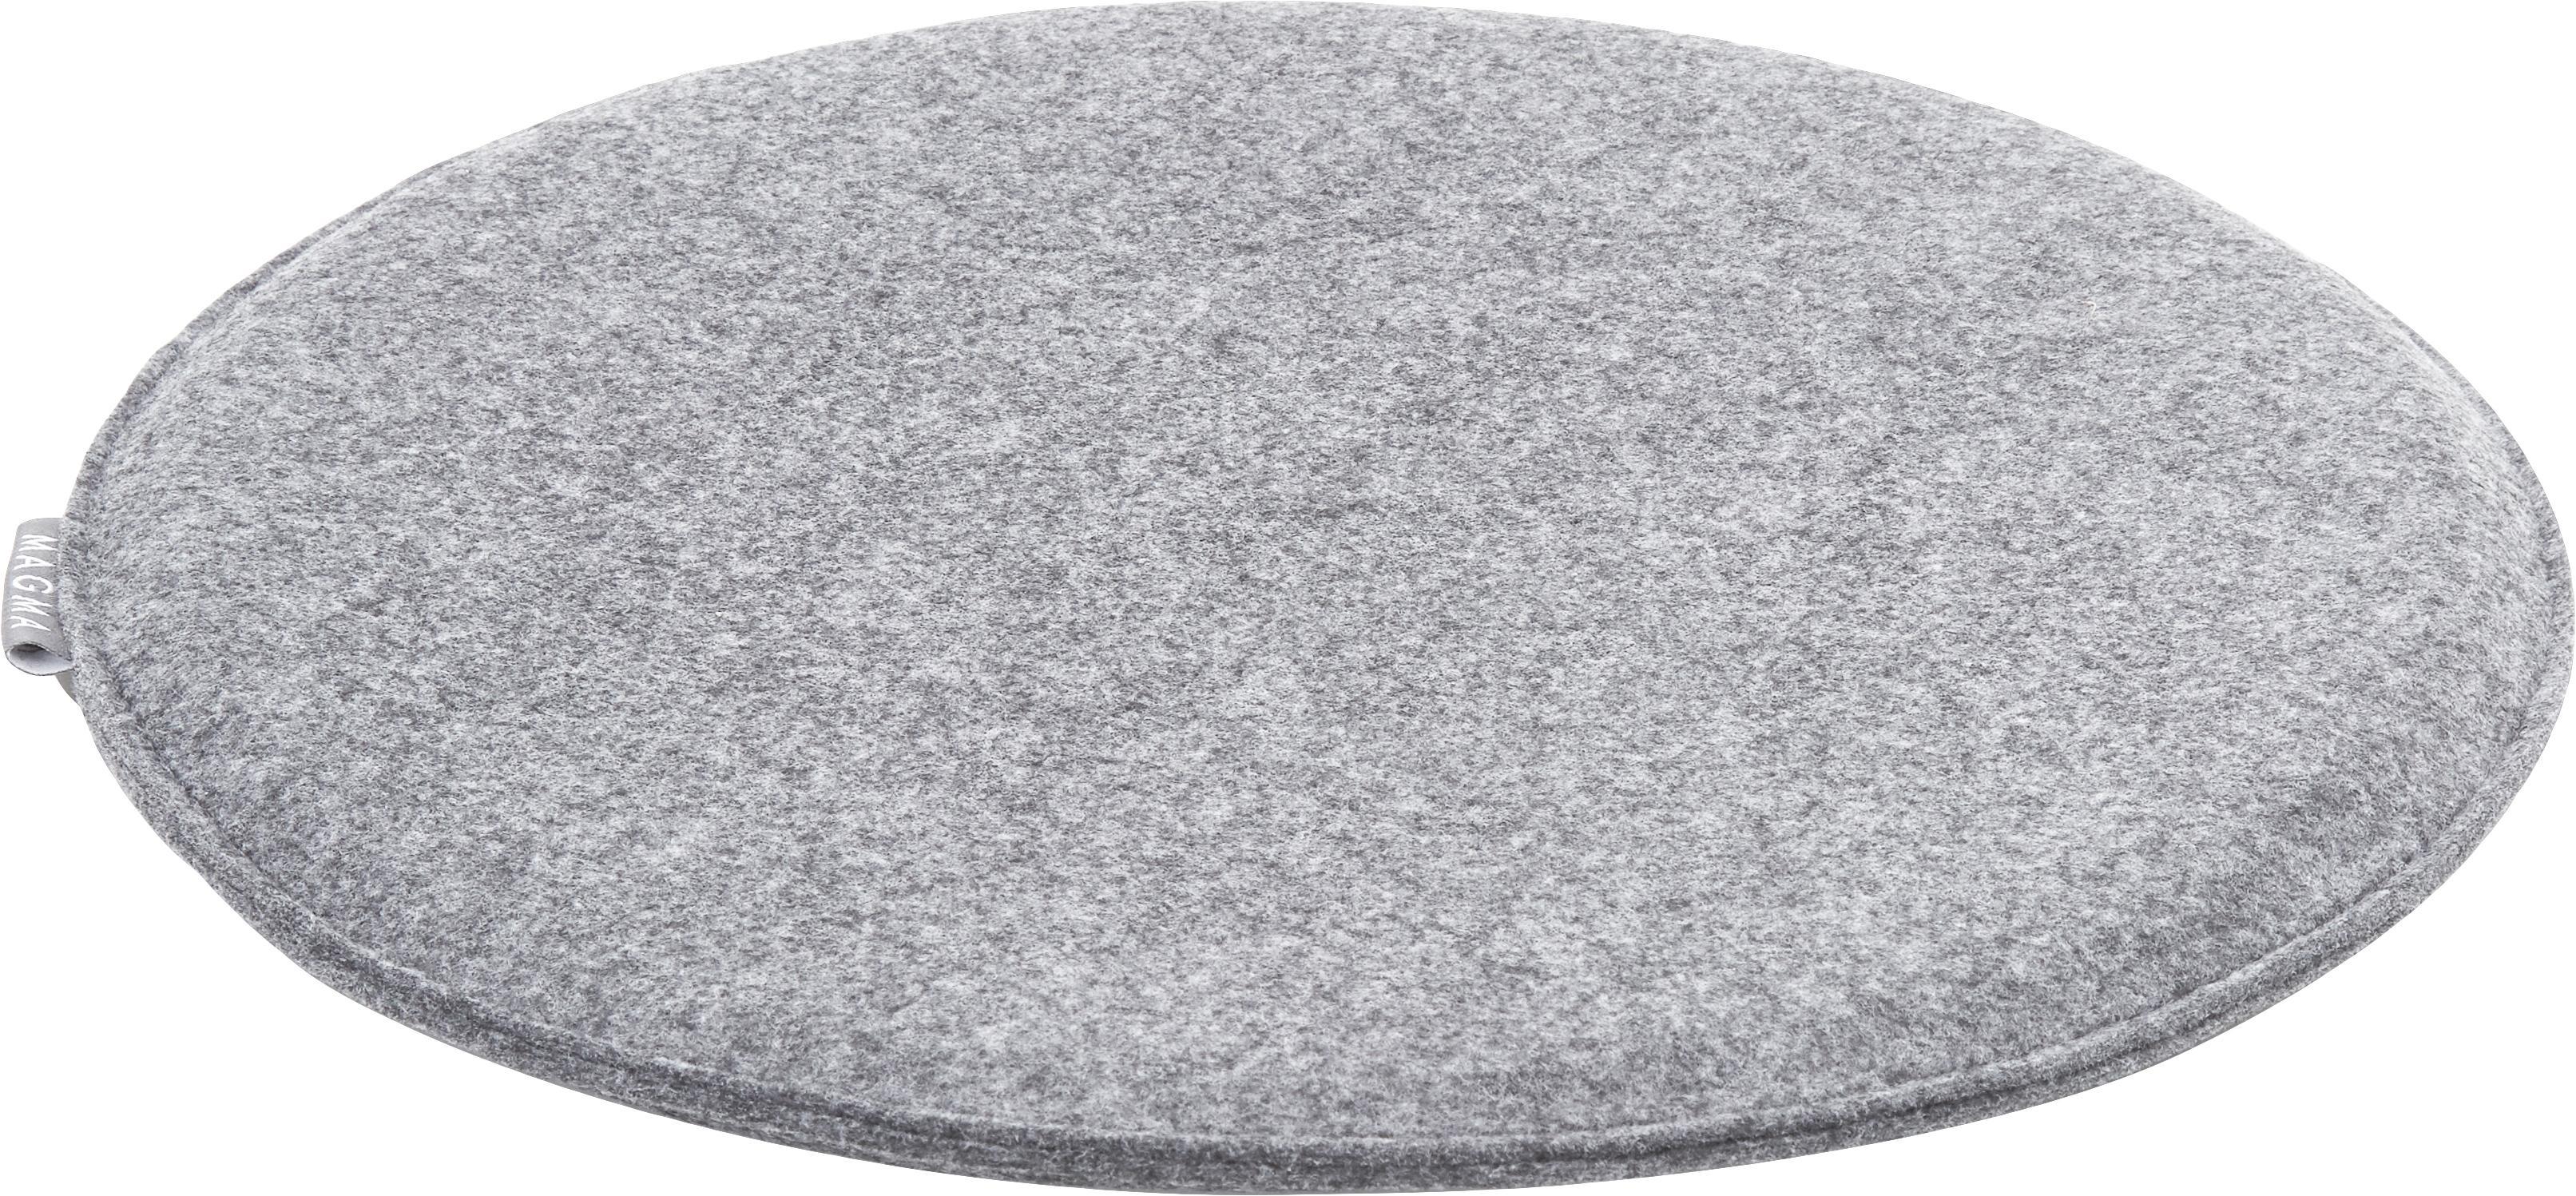 Runde Filz-Sitzauflagen Avaro, 4 Stück, Grau, Ø 35 x H 1 cm